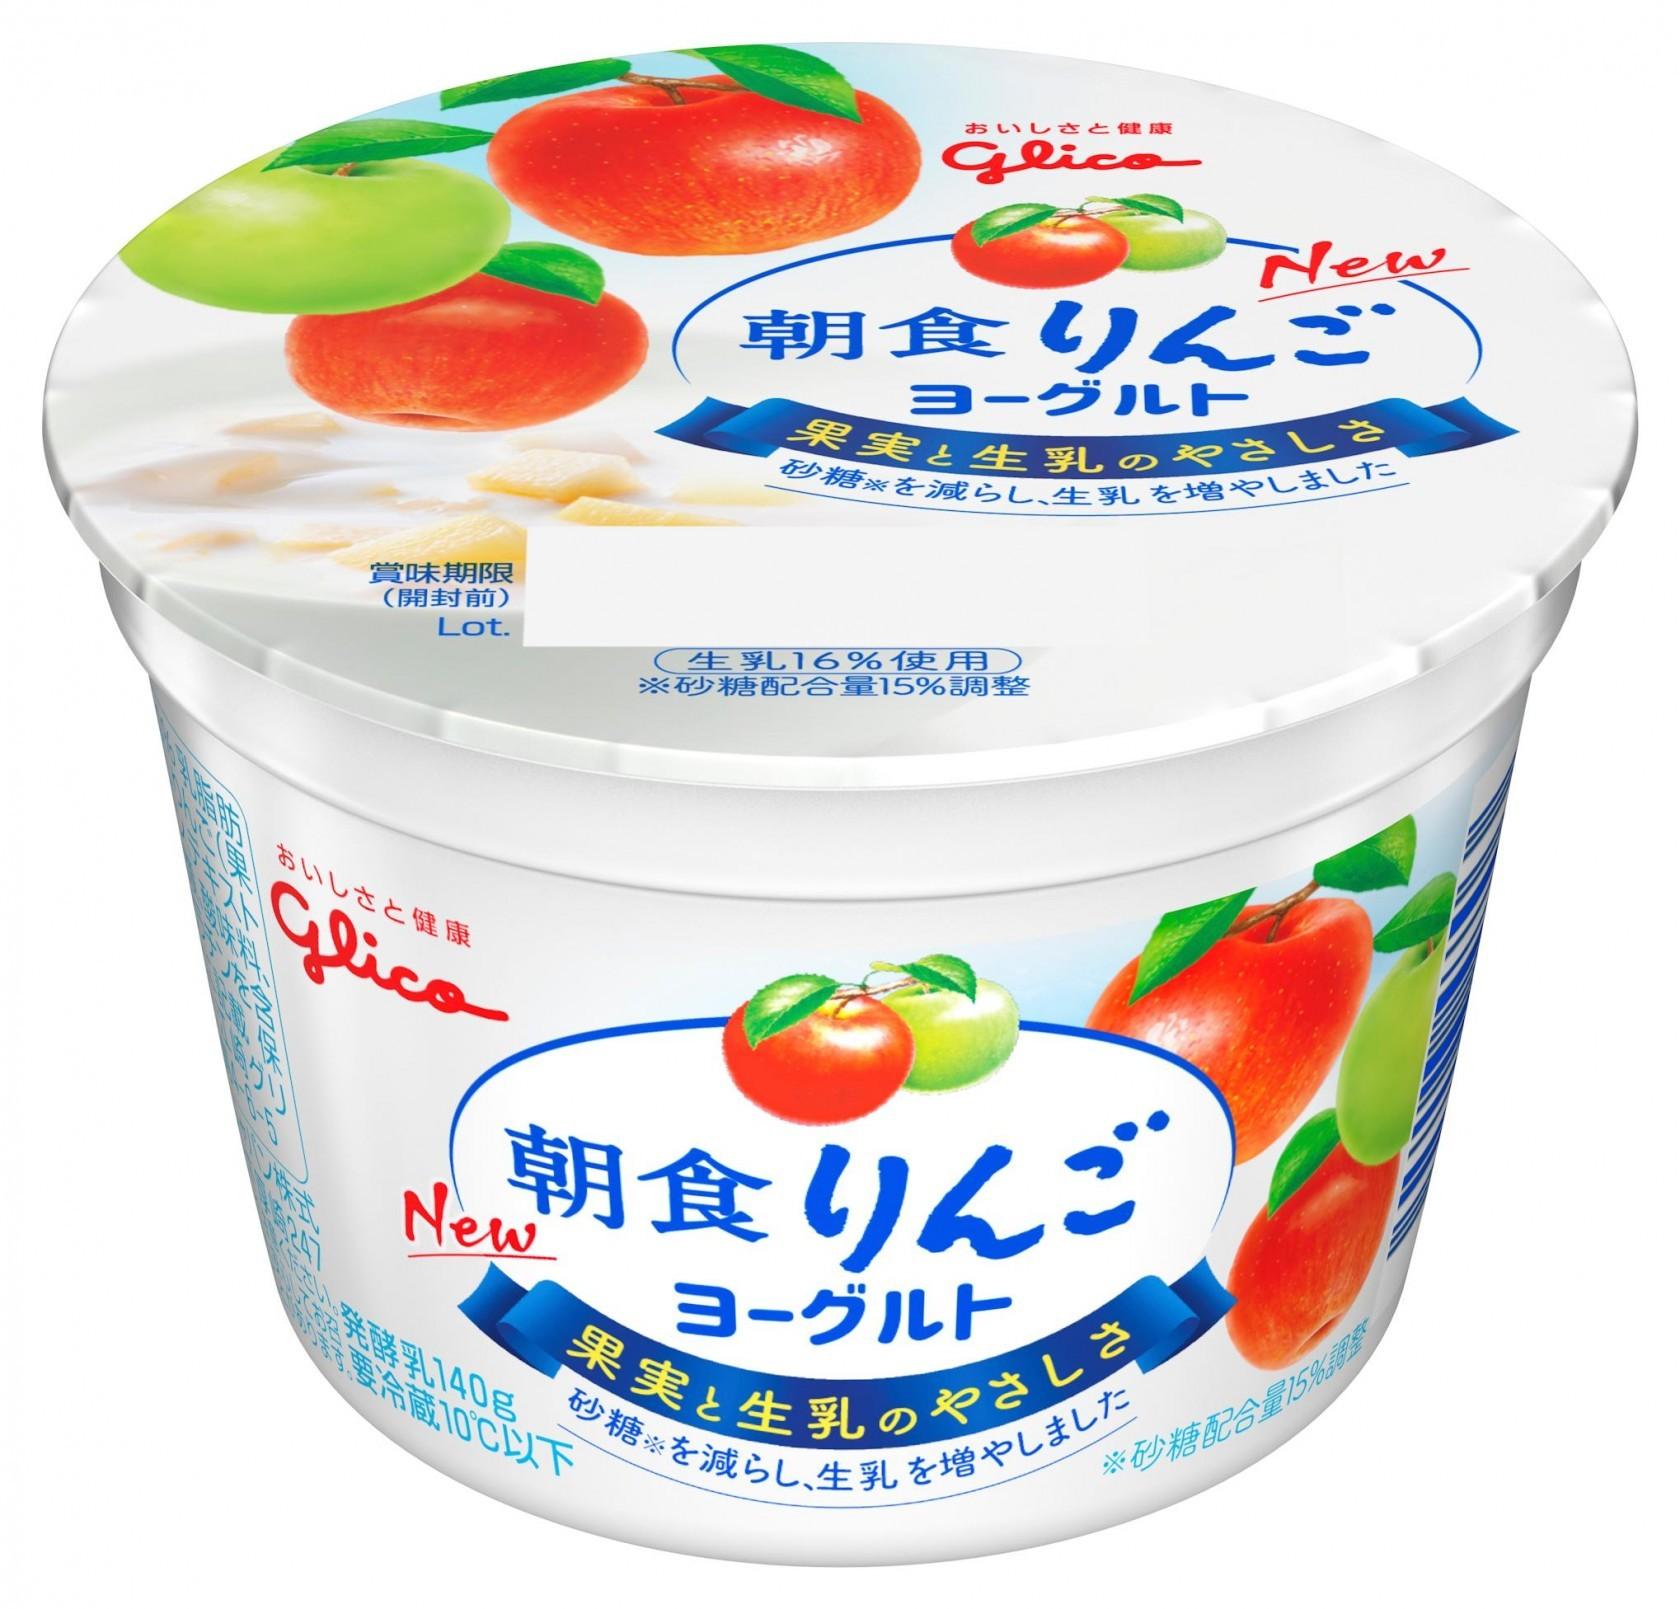 専門店 トレンド ヨーグルトの乳の味わいで 果実のおいしさが引き立つように仕上げました グリコ 朝食りんごヨーグルト 140g 沖縄 送料無料 その他離島は別途送料がかかります 北海道 12個